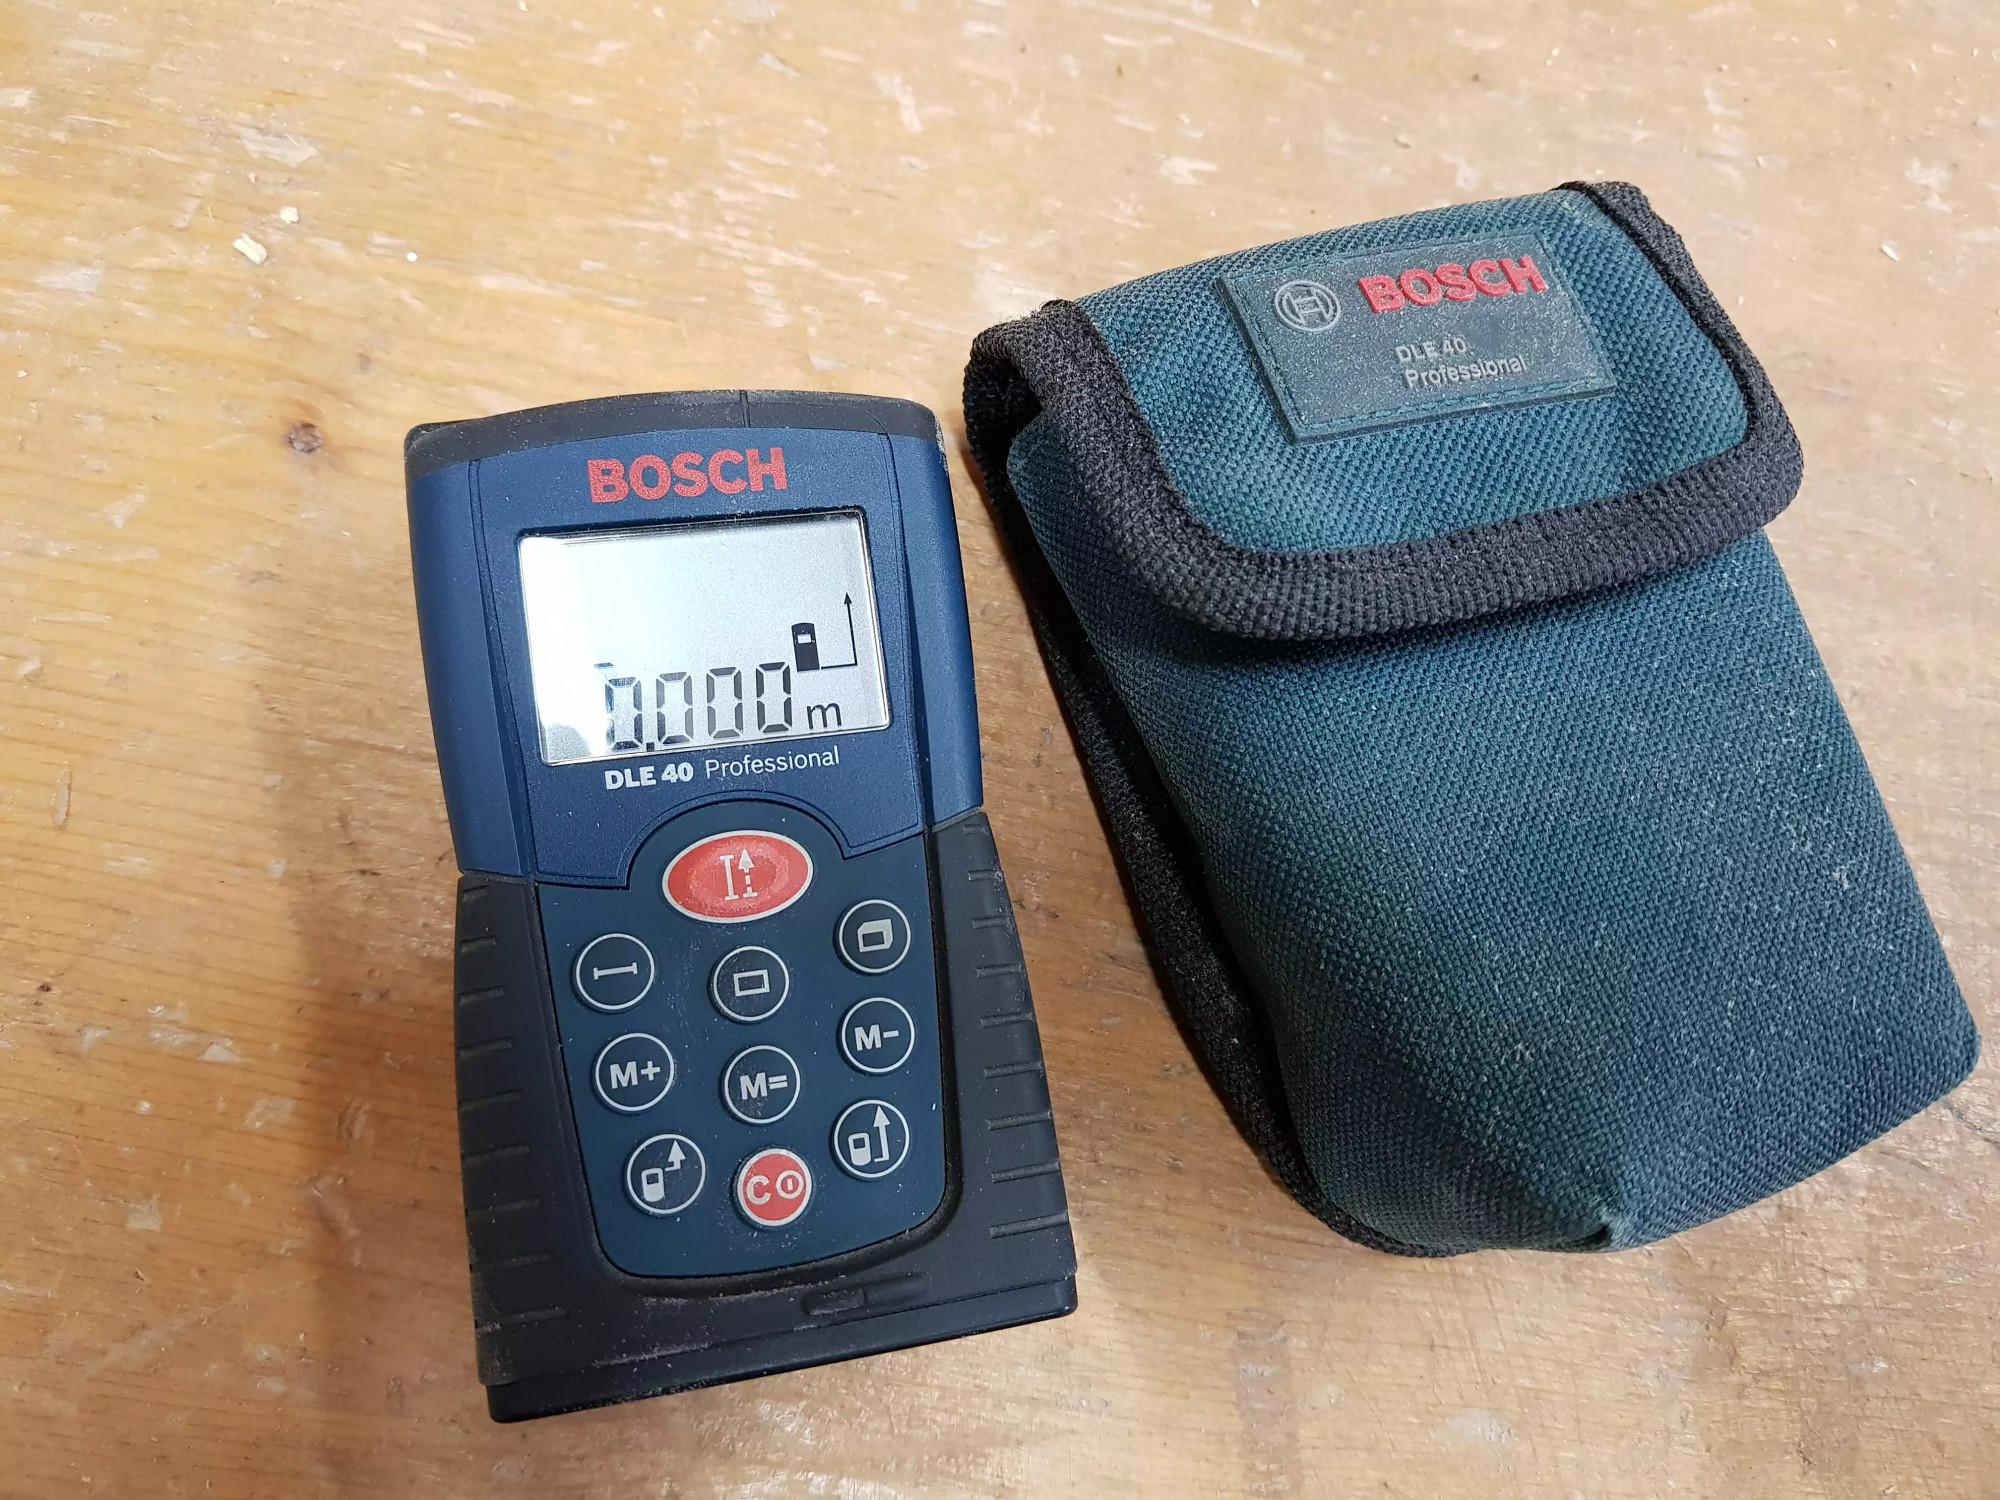 Bosch Entfernungsmesser Dle 40 : Övg versteigerungen artikel nr bosch laser